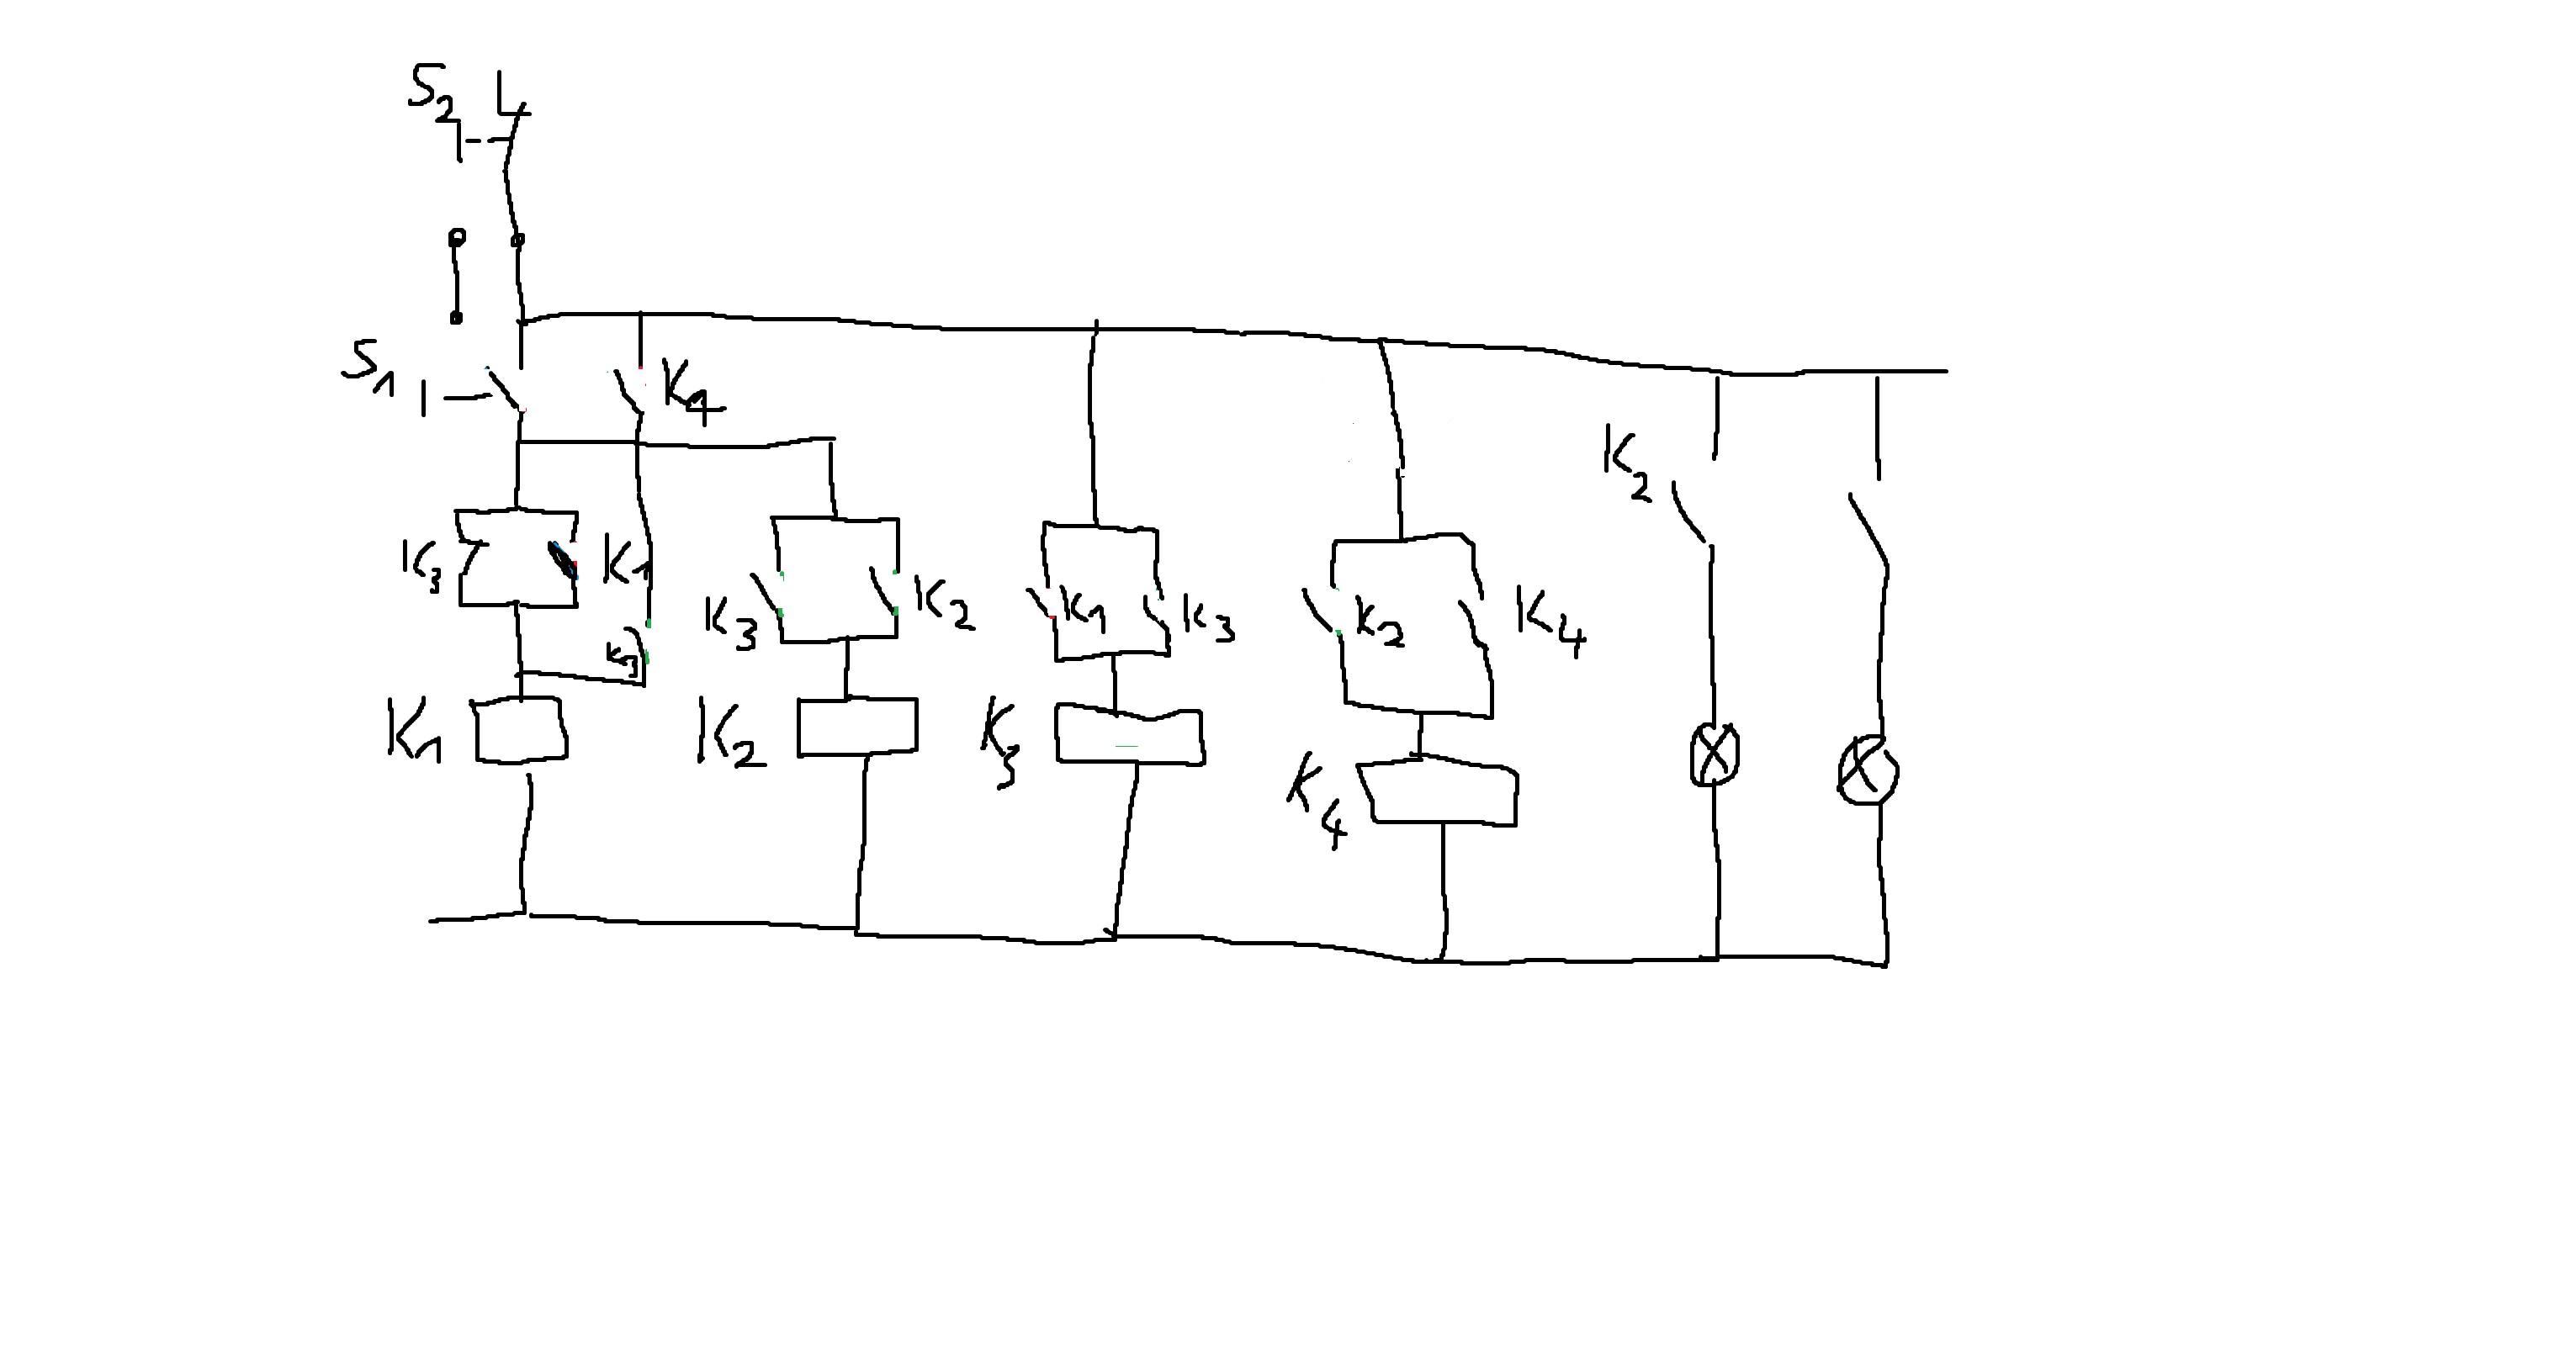 elekt schaltung hilfe elektrik schaltplan. Black Bedroom Furniture Sets. Home Design Ideas